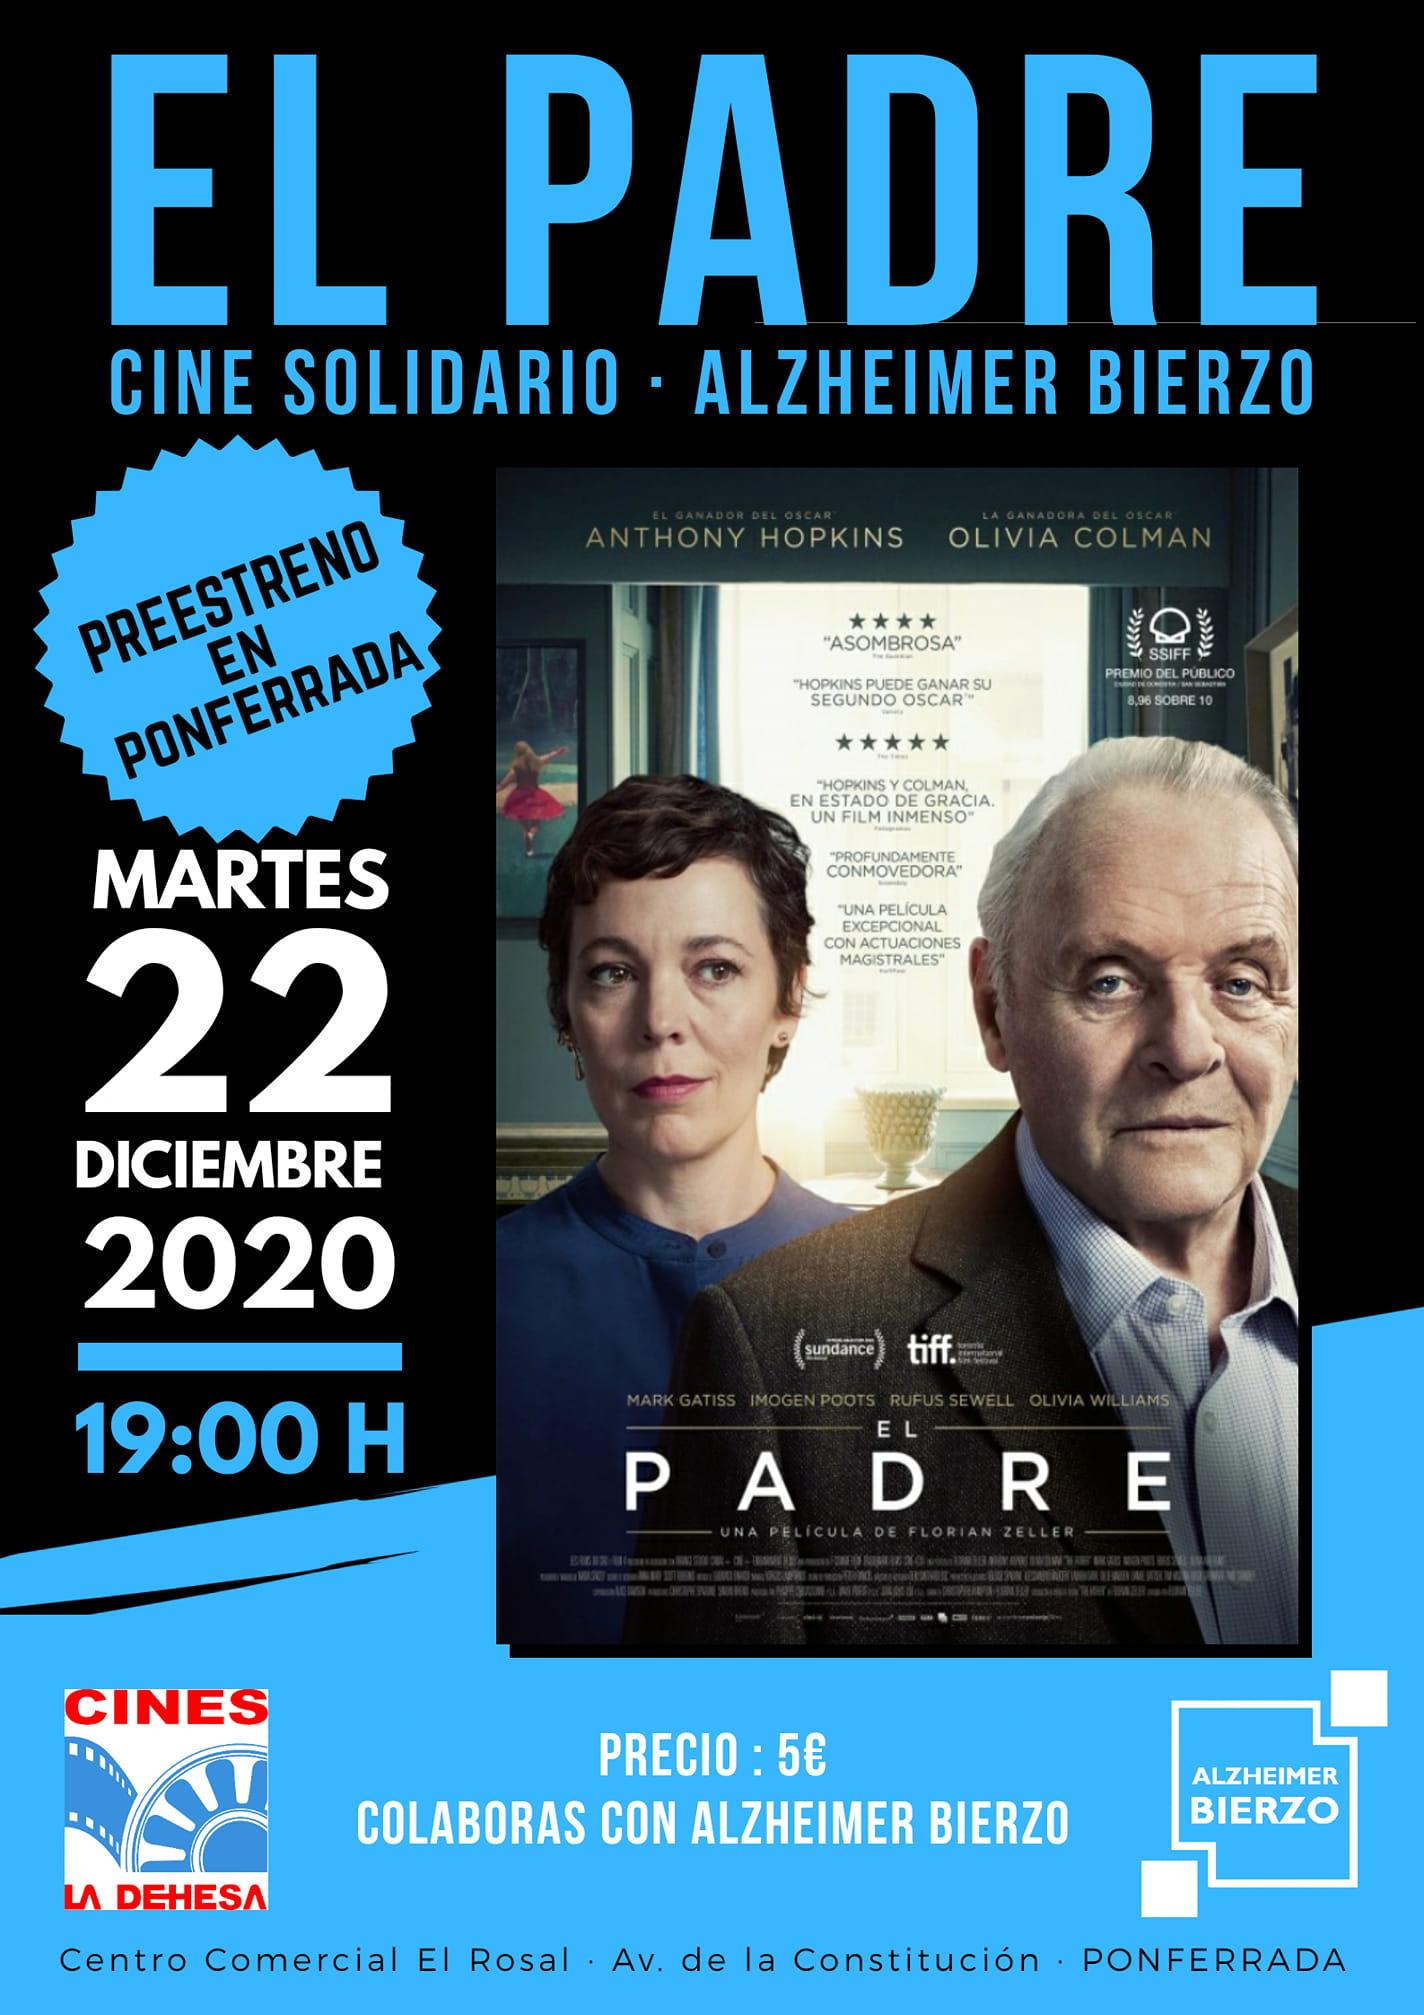 Alzheimer Bierzo y los Cines la Dehesa organizan el preestreno de la película 'El Padre' el martes 22 1